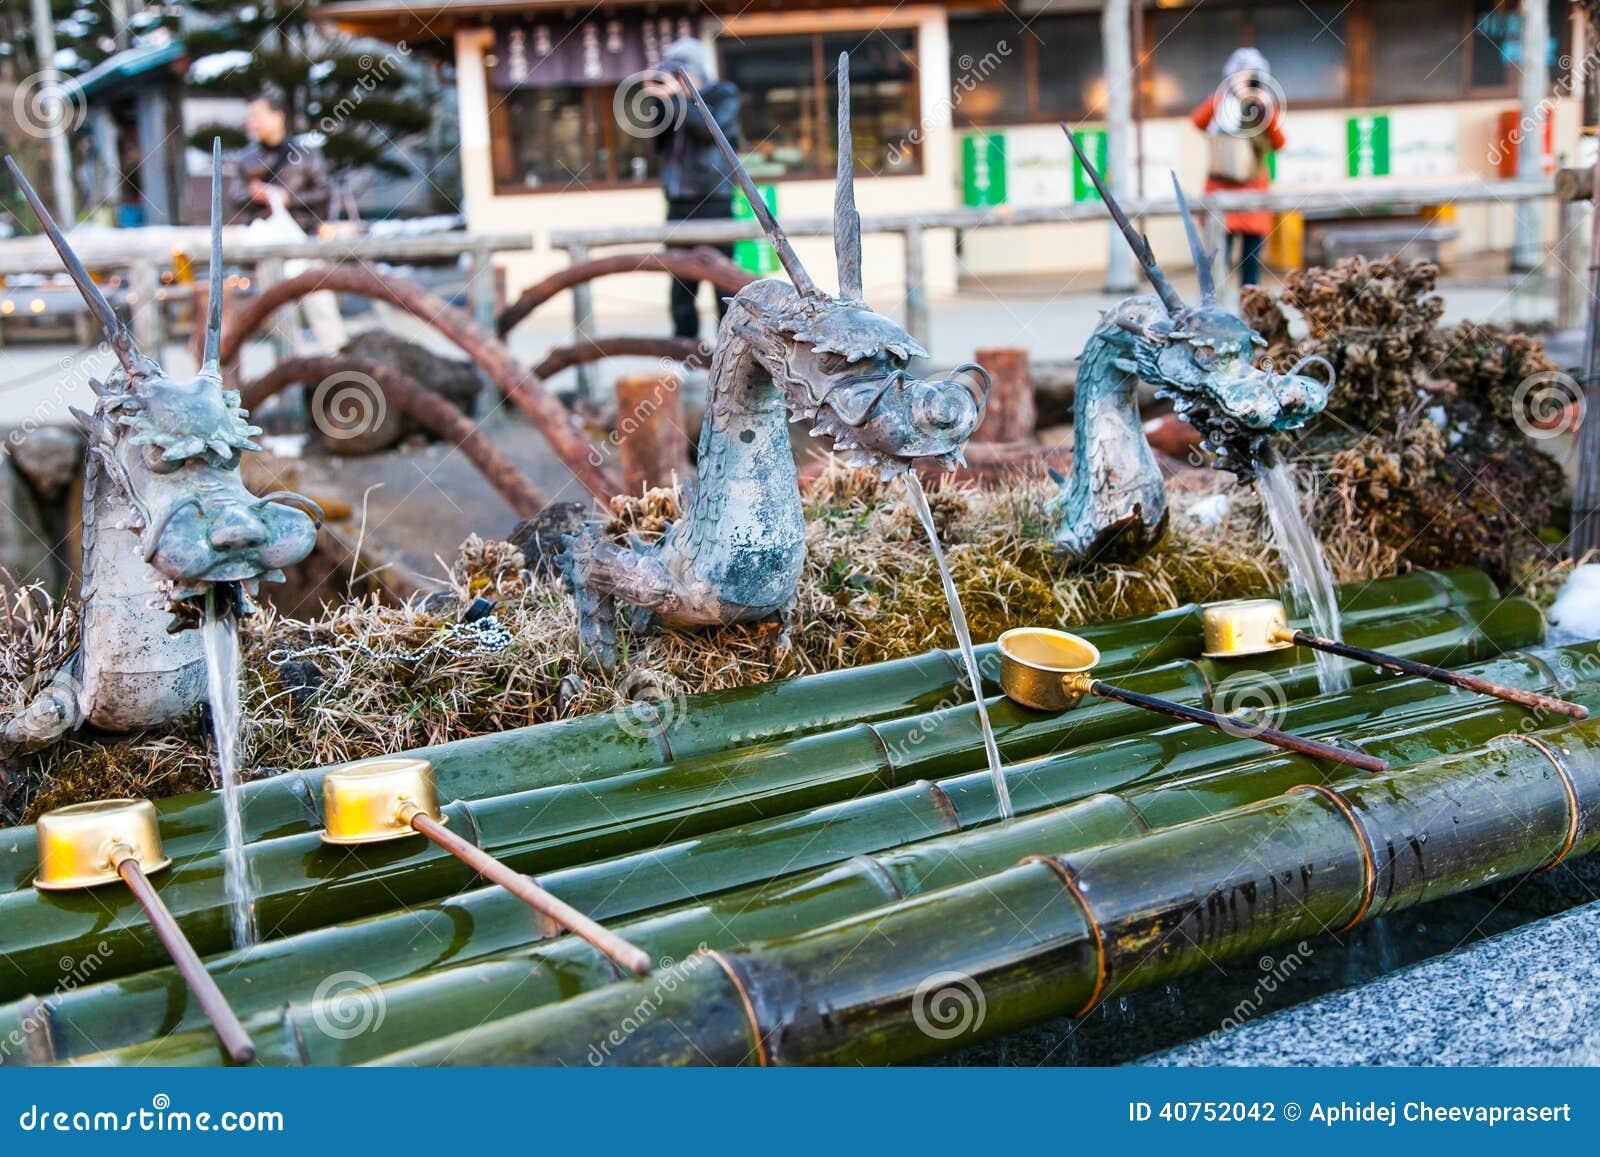 Fontaine D 39 Eau Japonaise Traditionnelle De Dragon Photo Stock Image 40752042